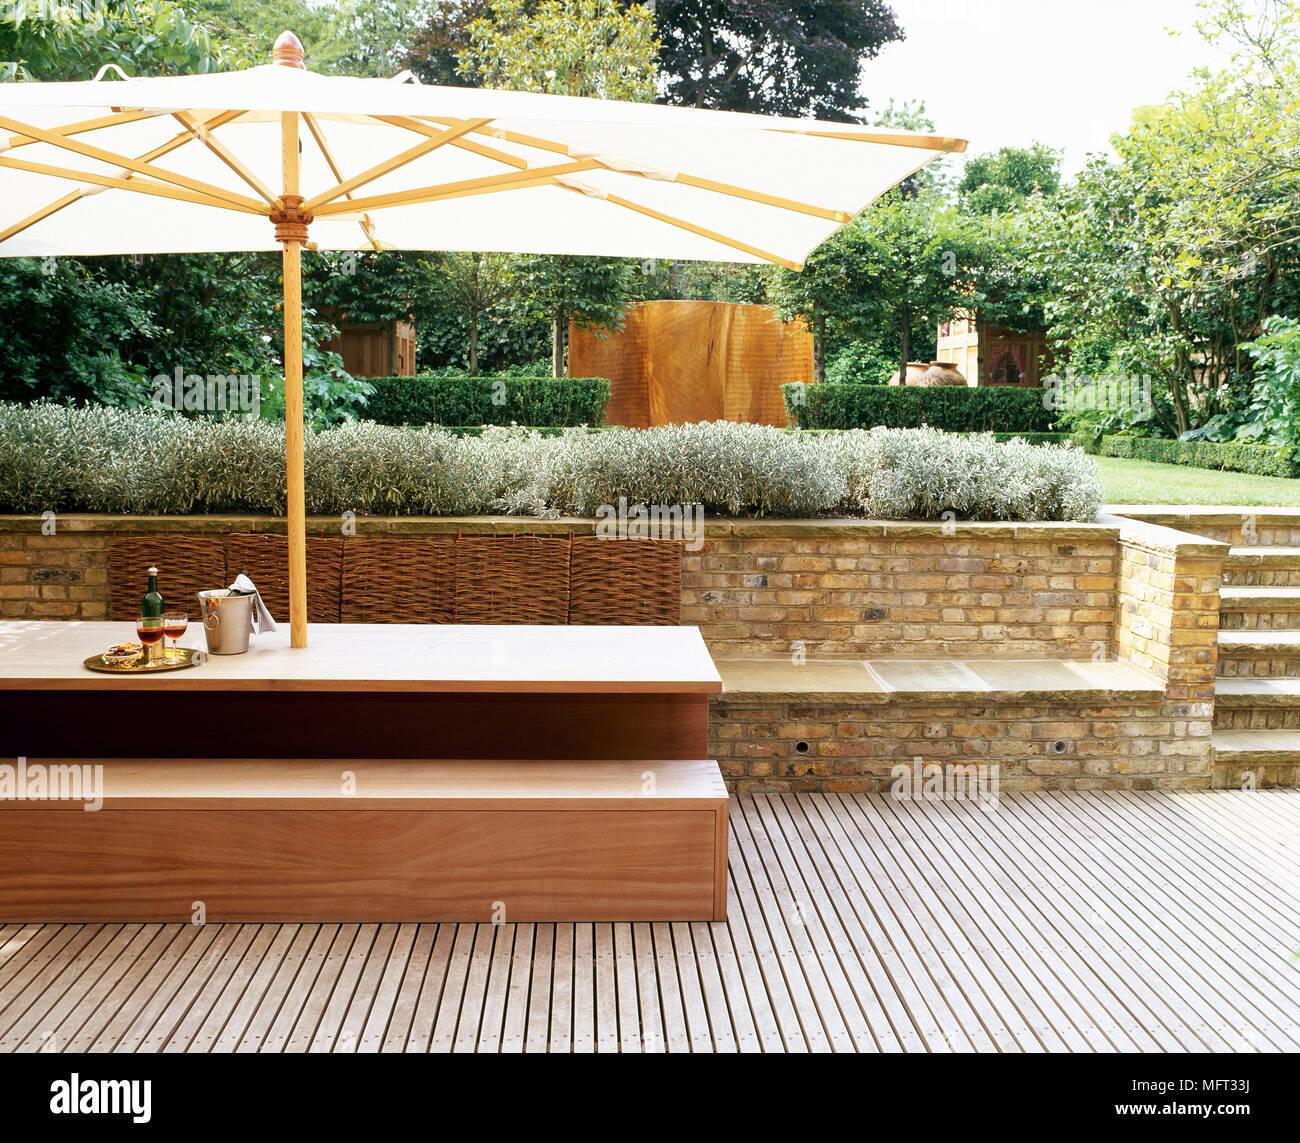 Terraza madera banqueta mesa sombrilla terrazas patios - Sombrilla de terraza ...